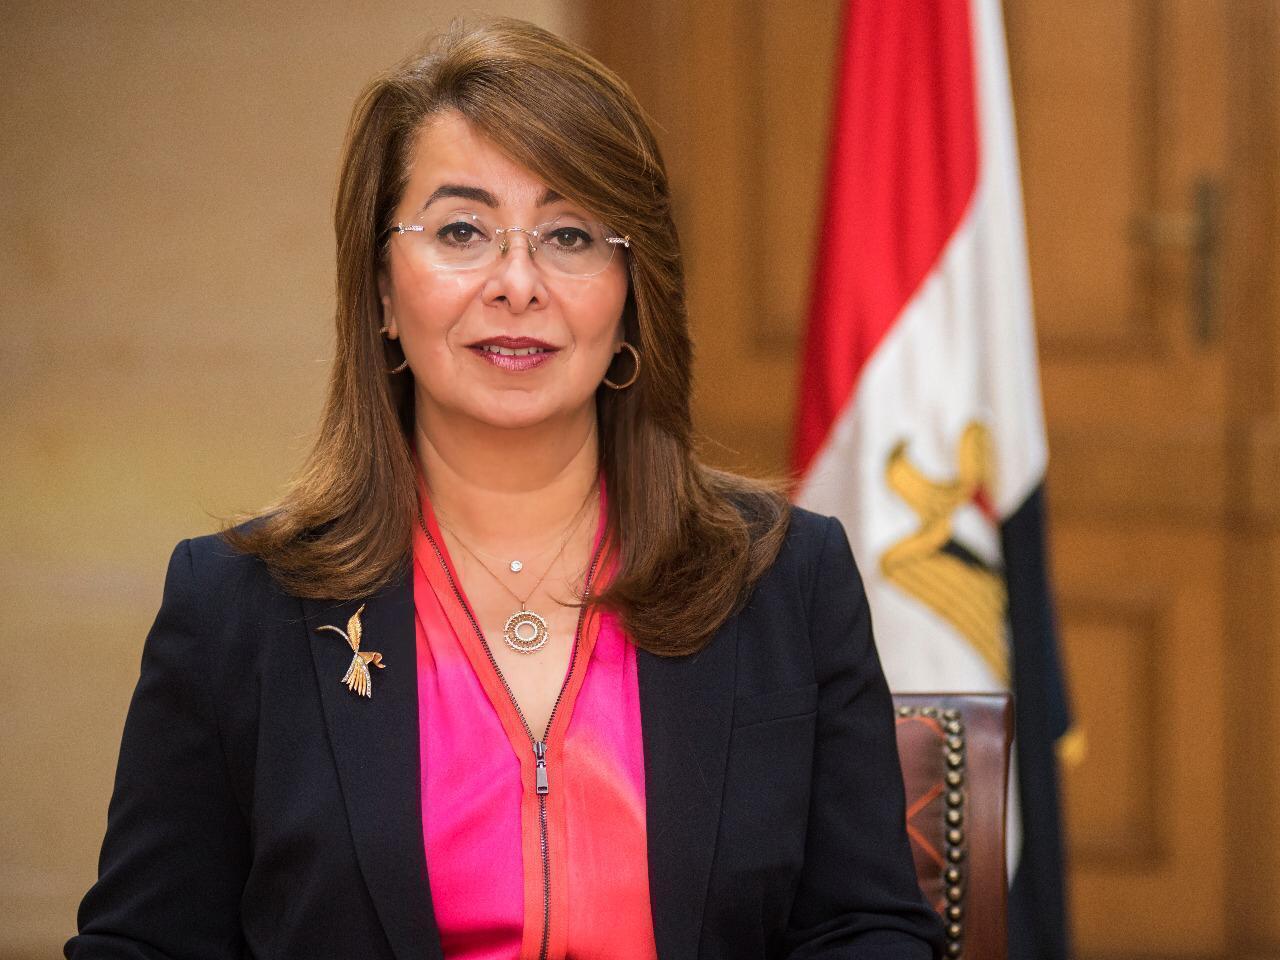 وزيرة التضامن الاجتماعى : التدخل السريع أنقذ 1234 حالة حتى بداية 2019